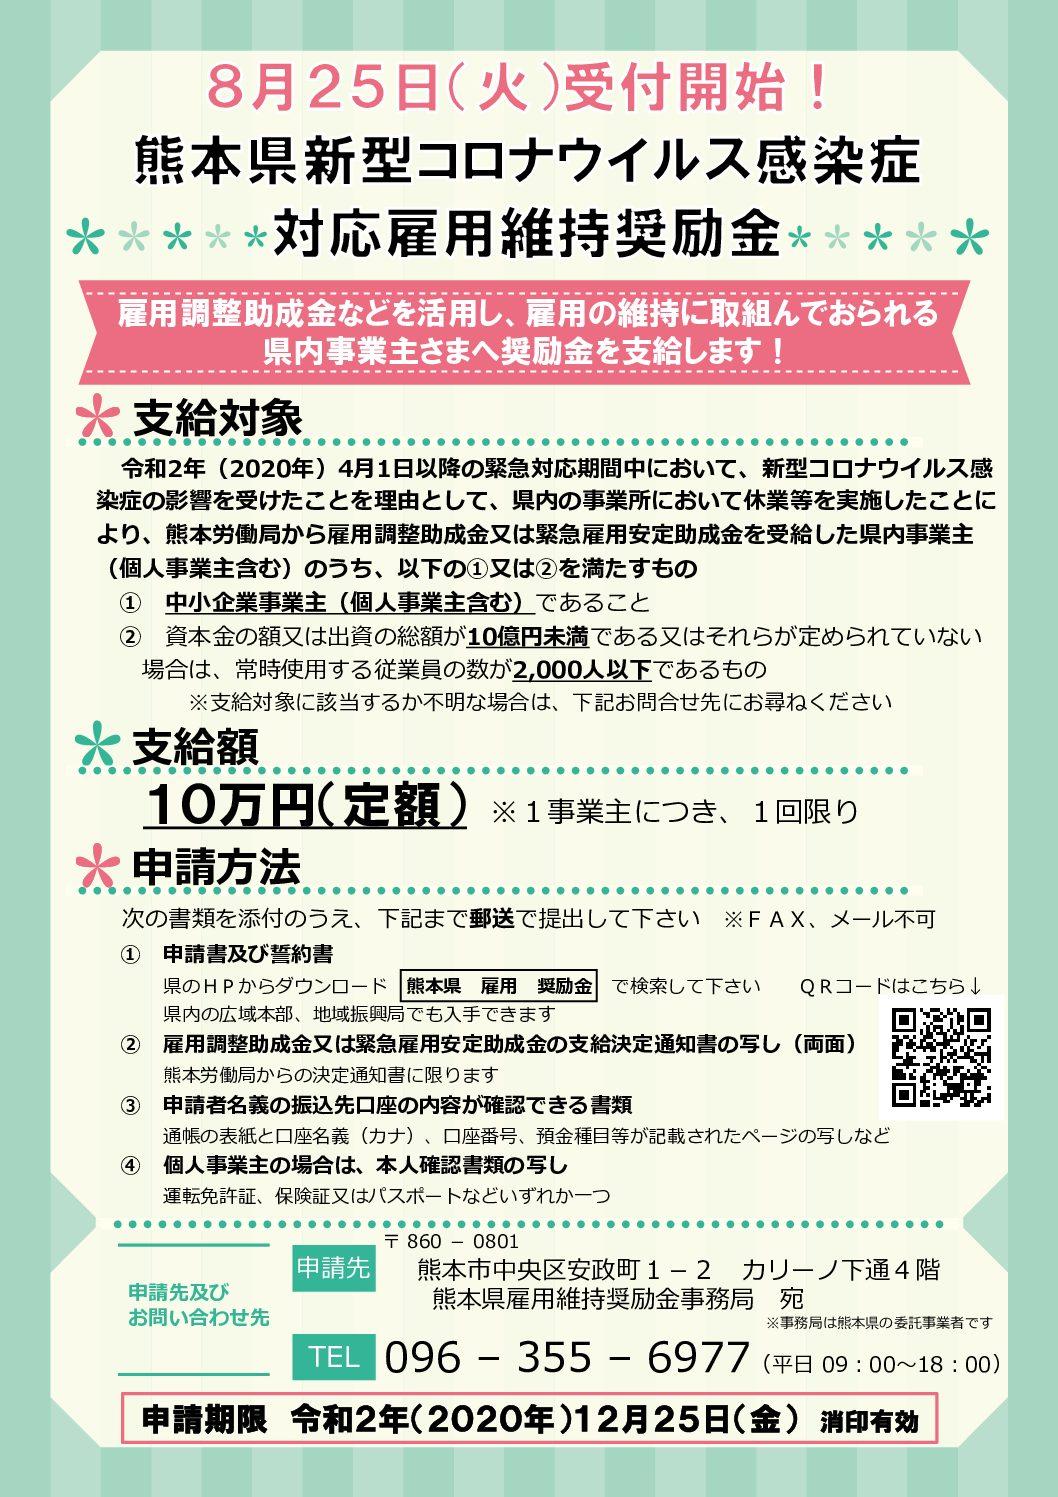 【熊本県】新型コロナウイルス感染症対応雇用維持奨励金について